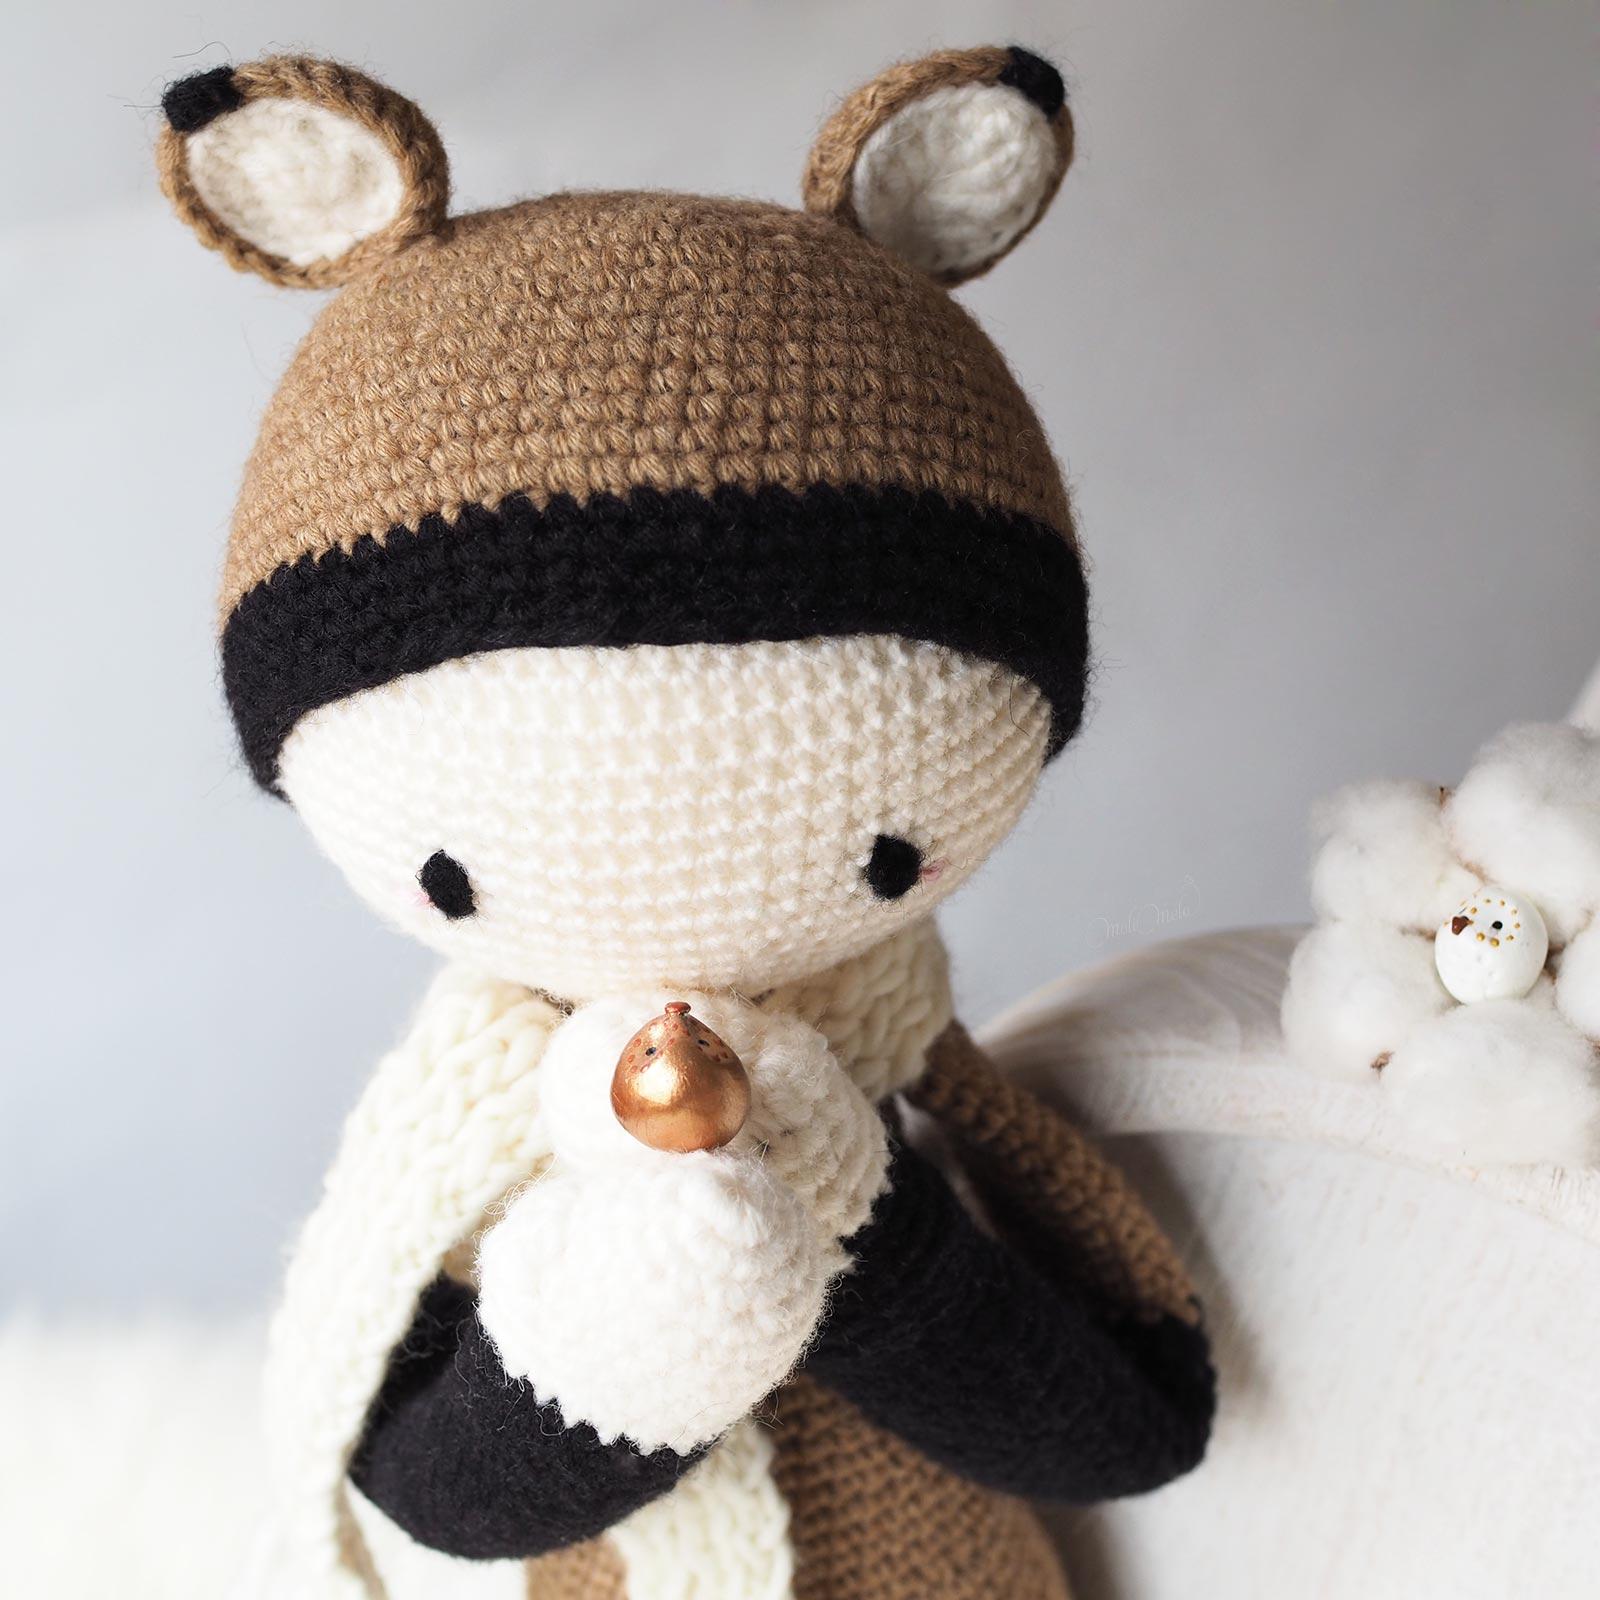 Renard Fibi au crochet amies chouettes 100% laine laboutiquedemelimelo